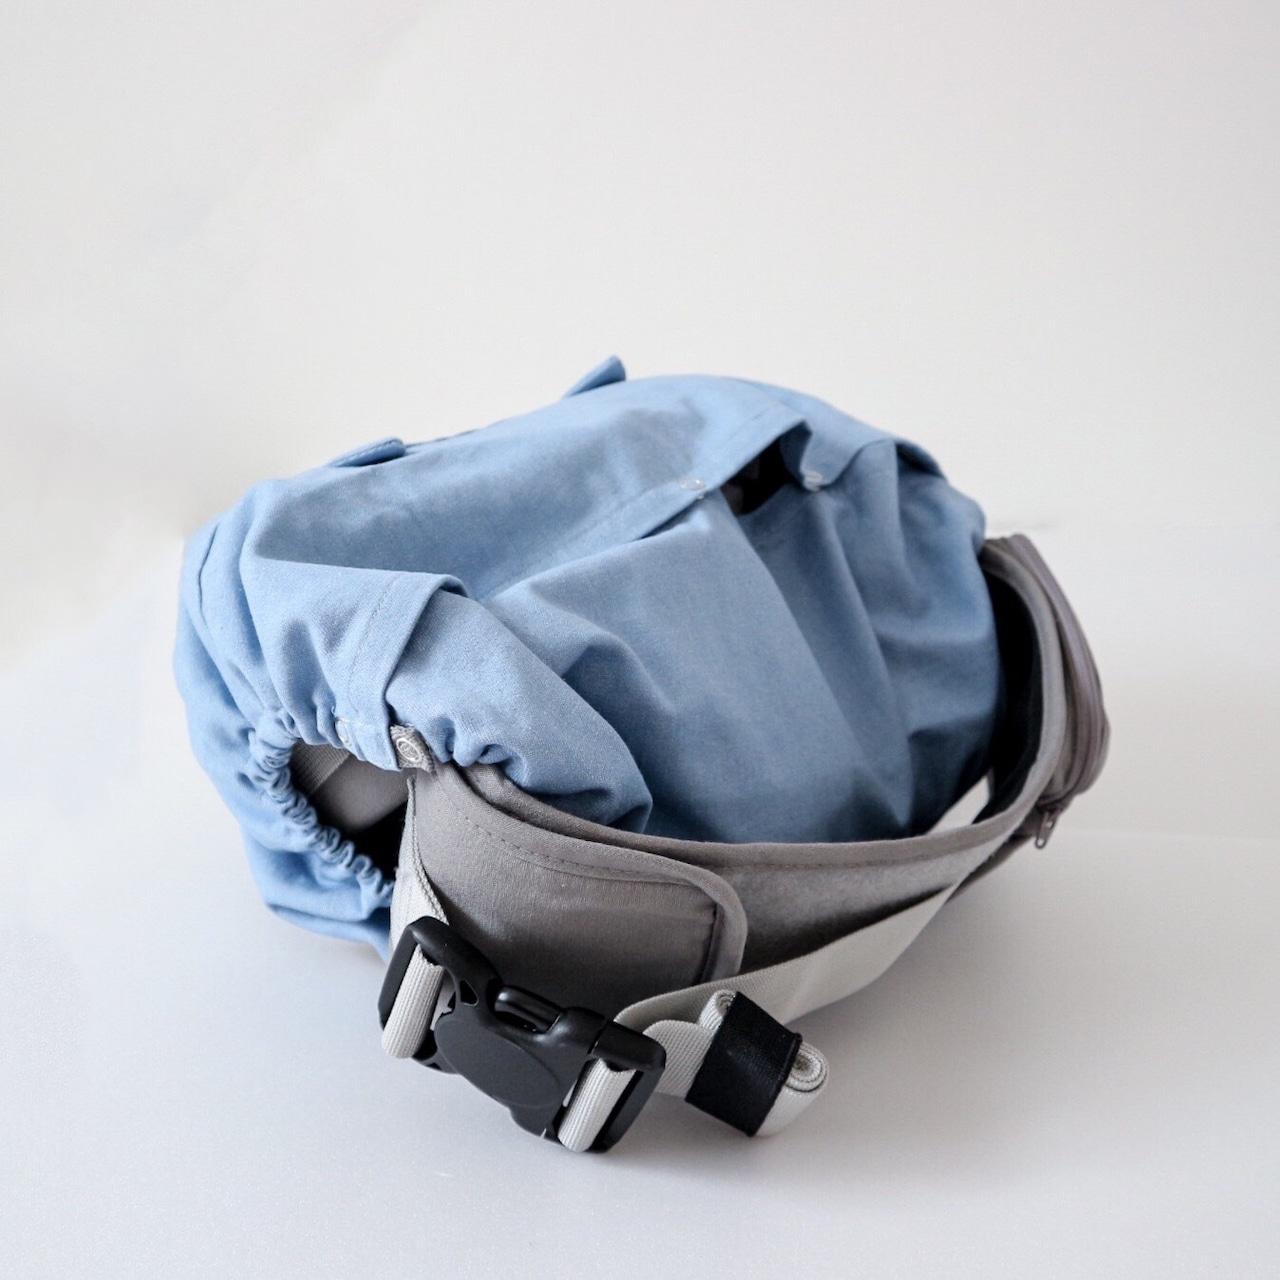 【即日発送対応】つみきどうぶつの抱っこ紐収納カバー ヒップシートサイズ うすデニム